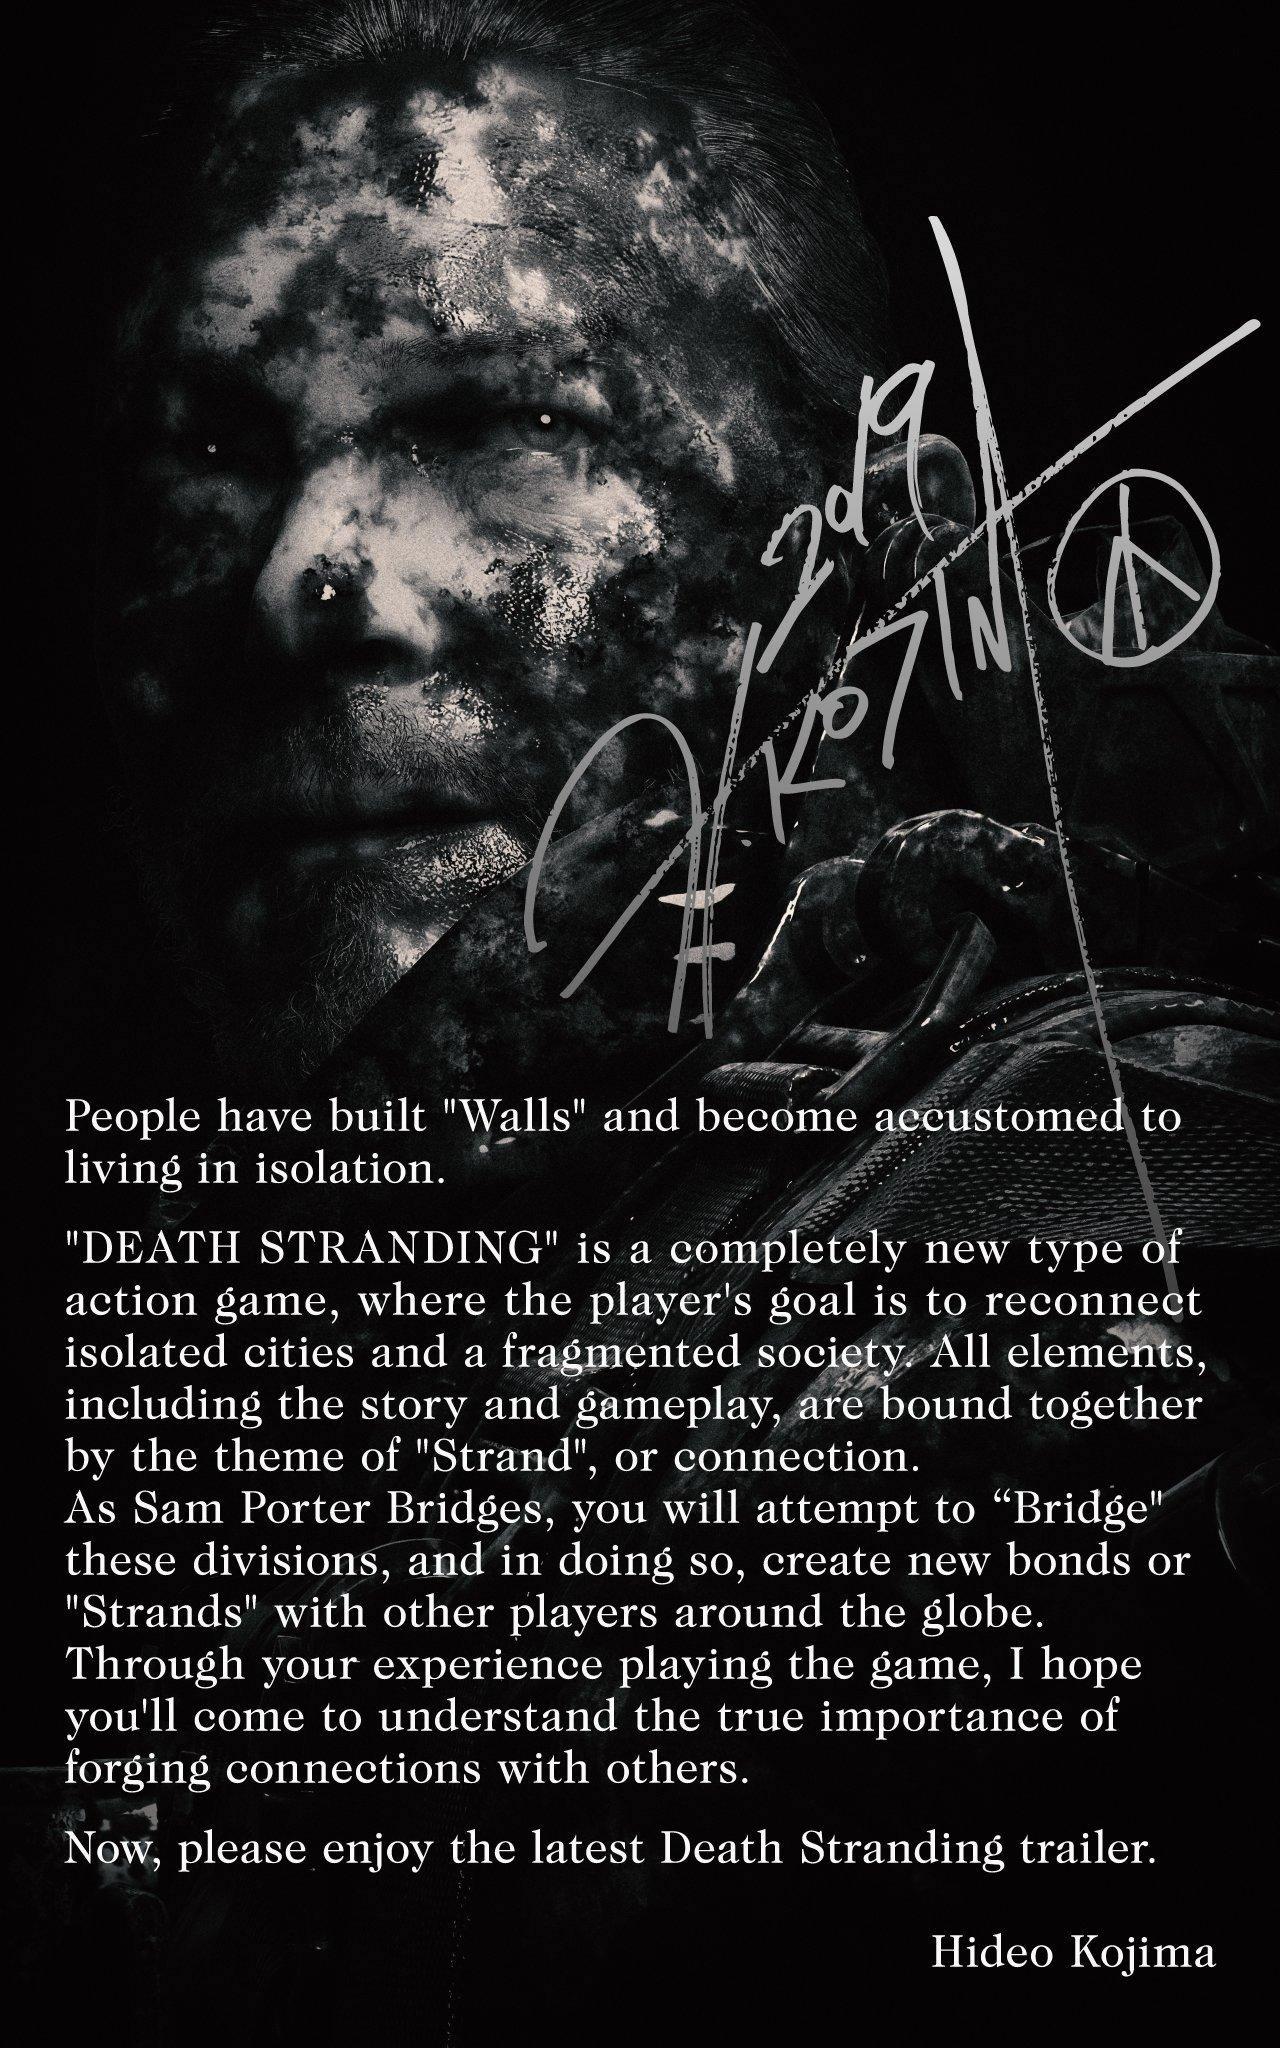 La déclaration d'intentions d'Hideo Kojima pour Death Stranding (2019), accompagnant la sortie du « Release Date Reveal Trailer »